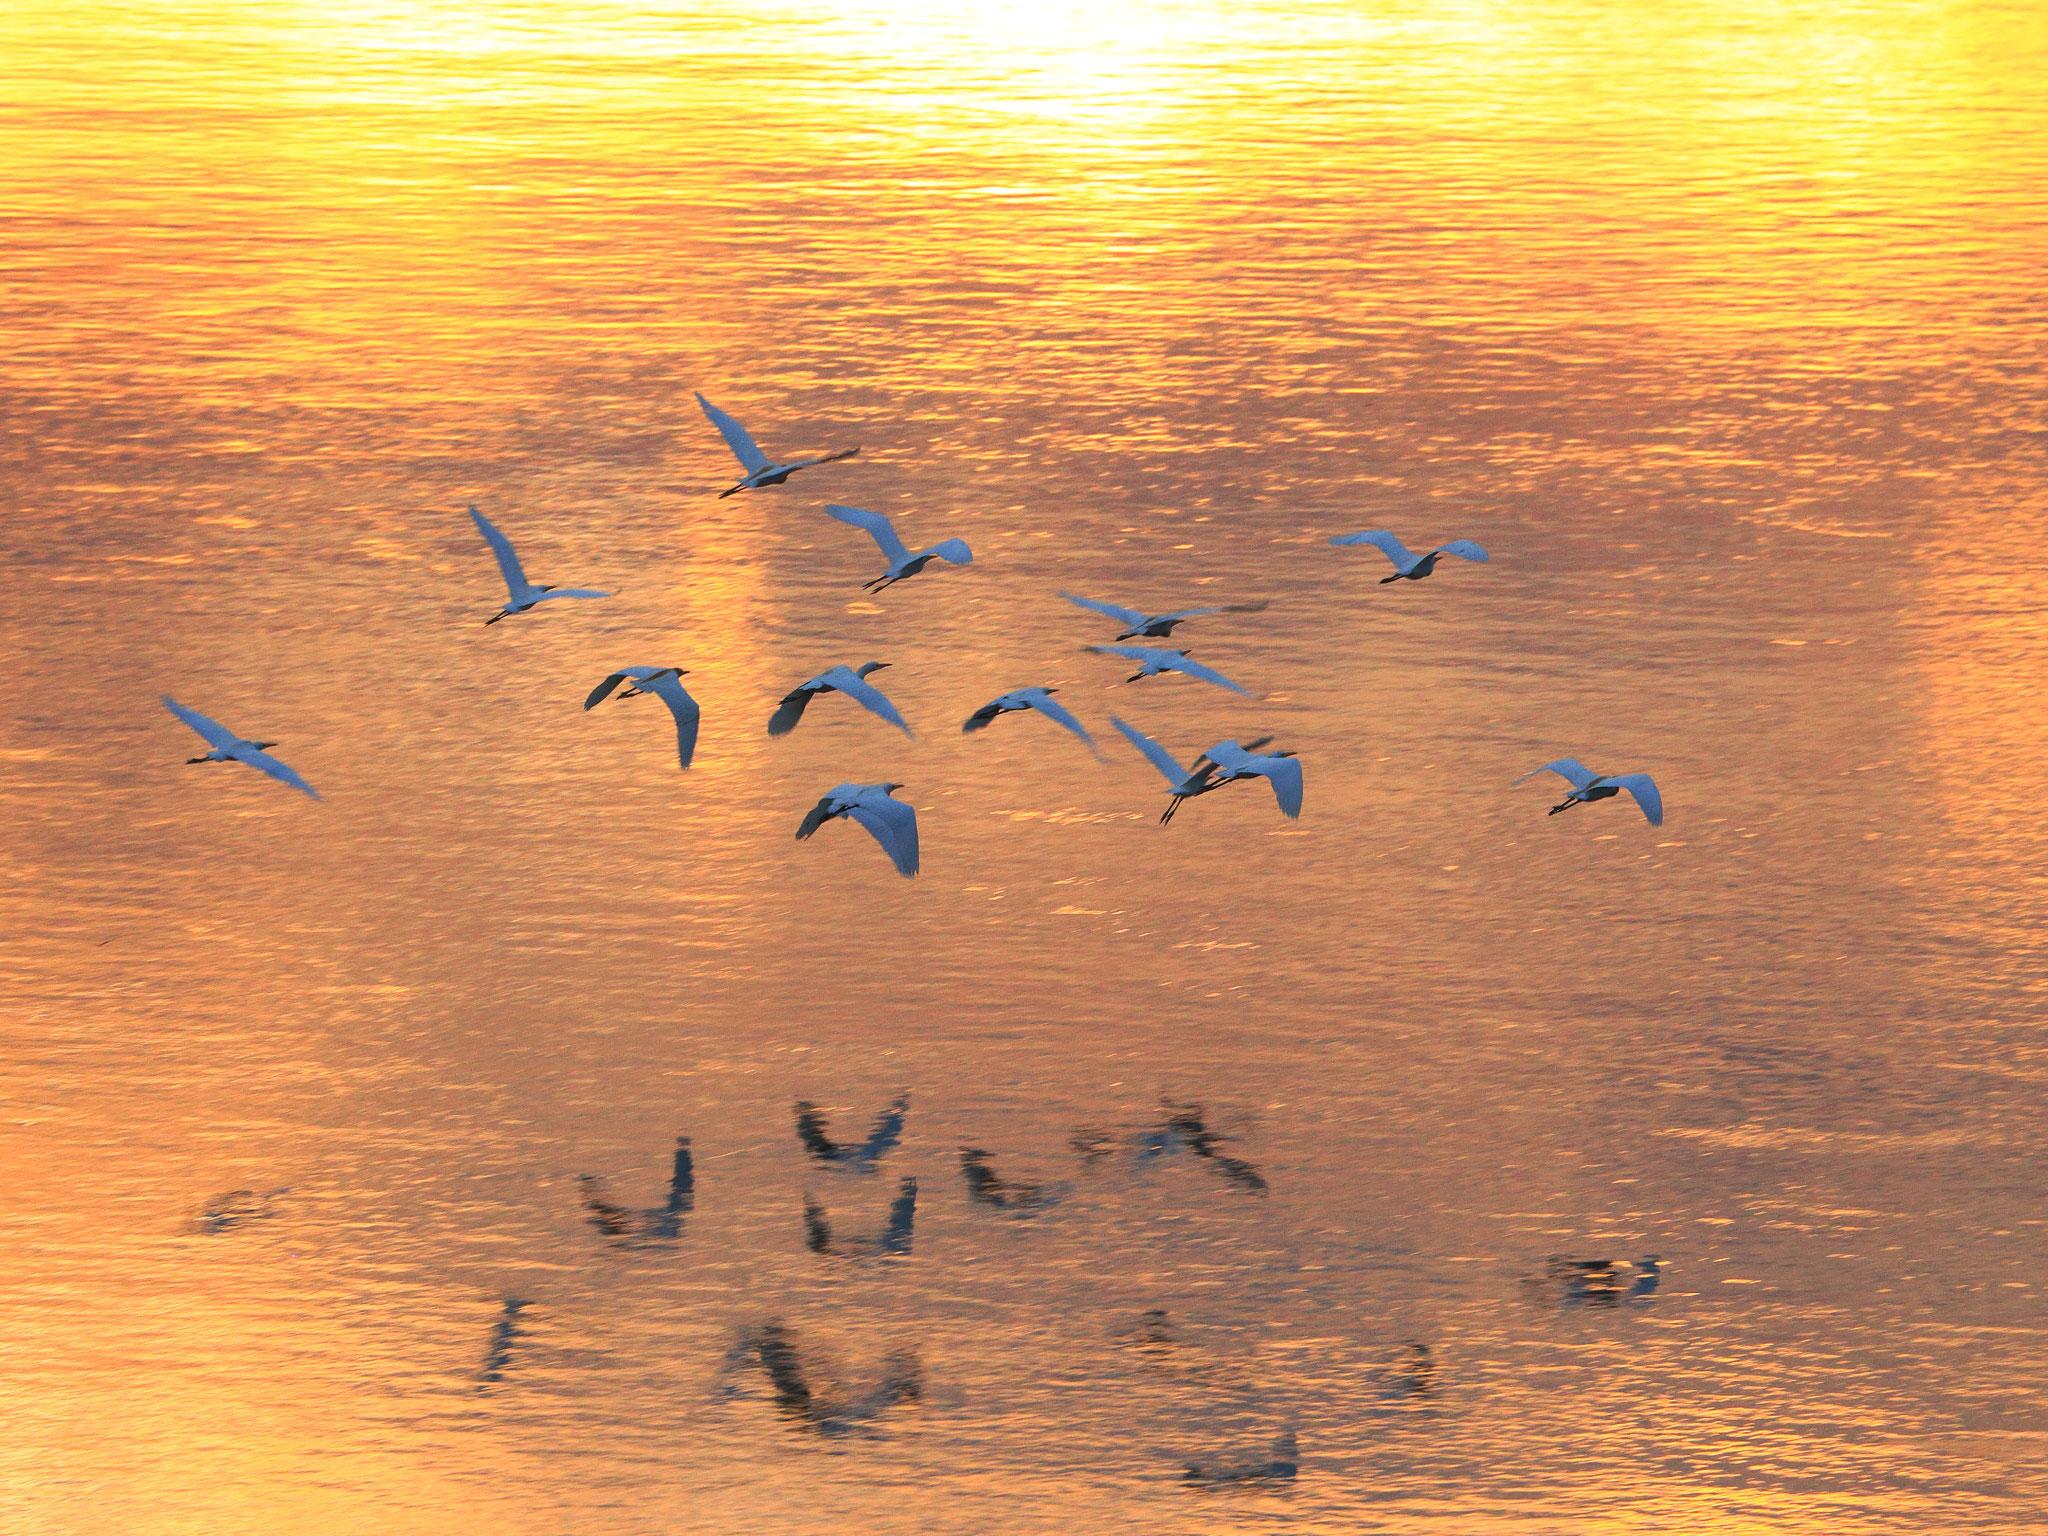 煌めく夕焼けの川を飛んで行くアマサギ(6/30 池之園橋)